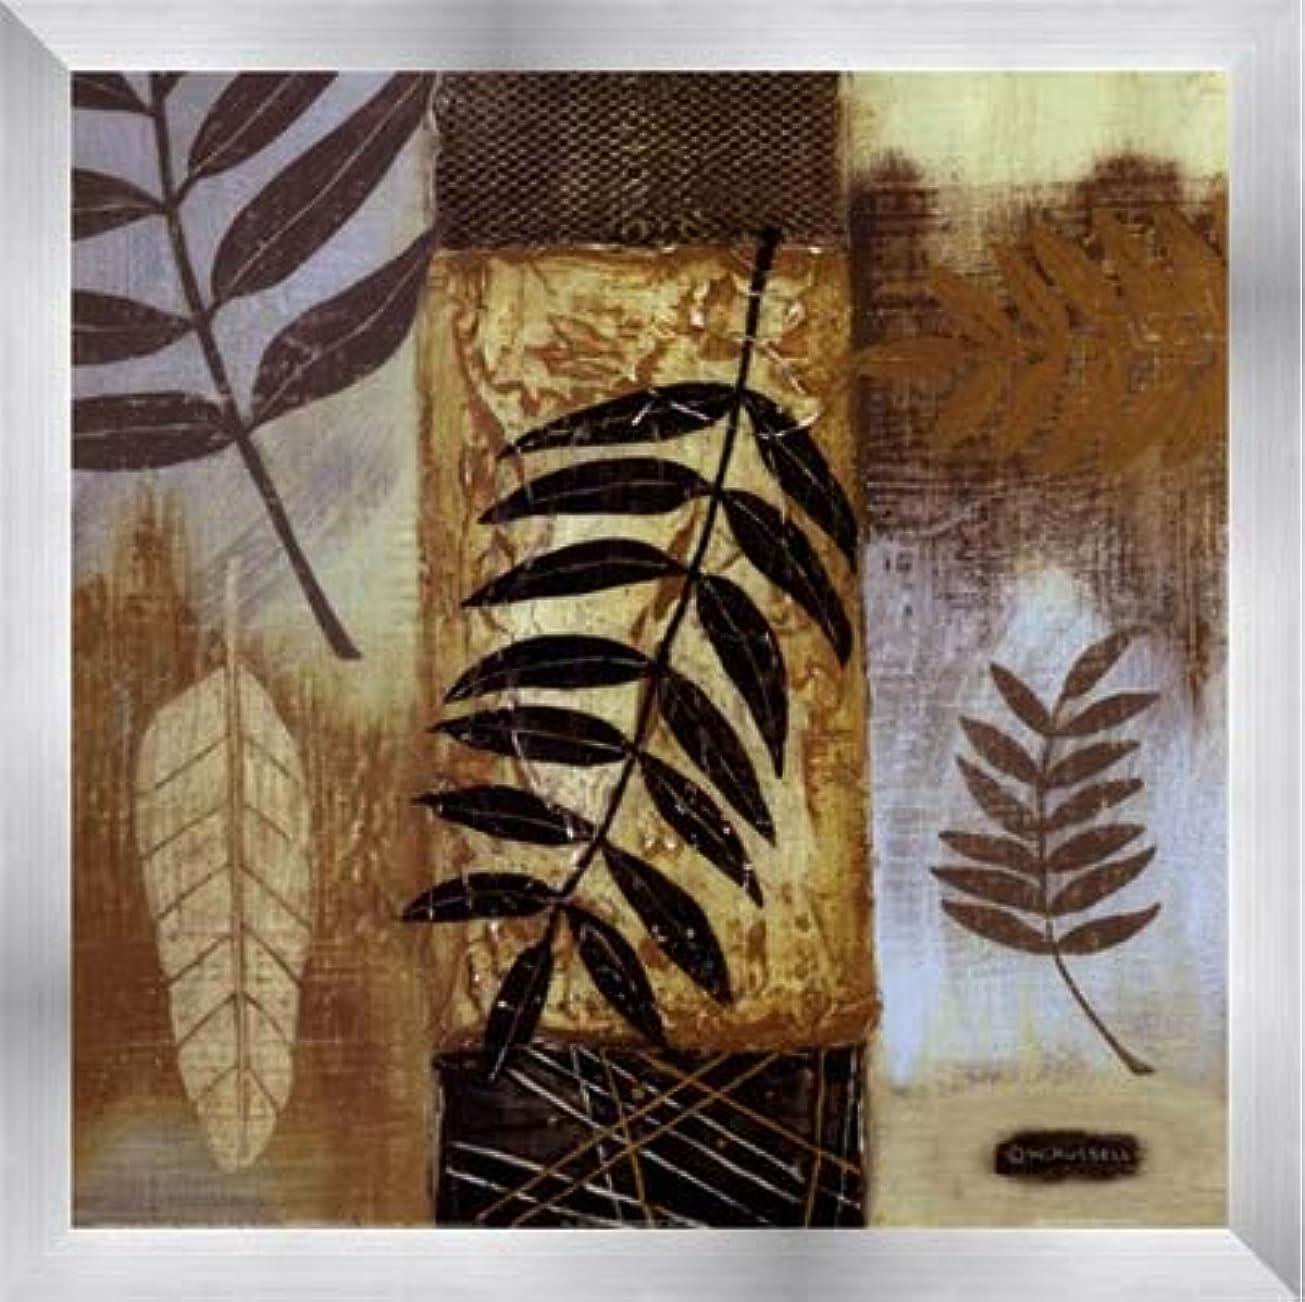 ご飯散髪腐食する自然のパターンI by Wendy Russell – 12 x 12インチ – アートプリントポスター 12 x 12 Inch LE_255654-F9935-12x12